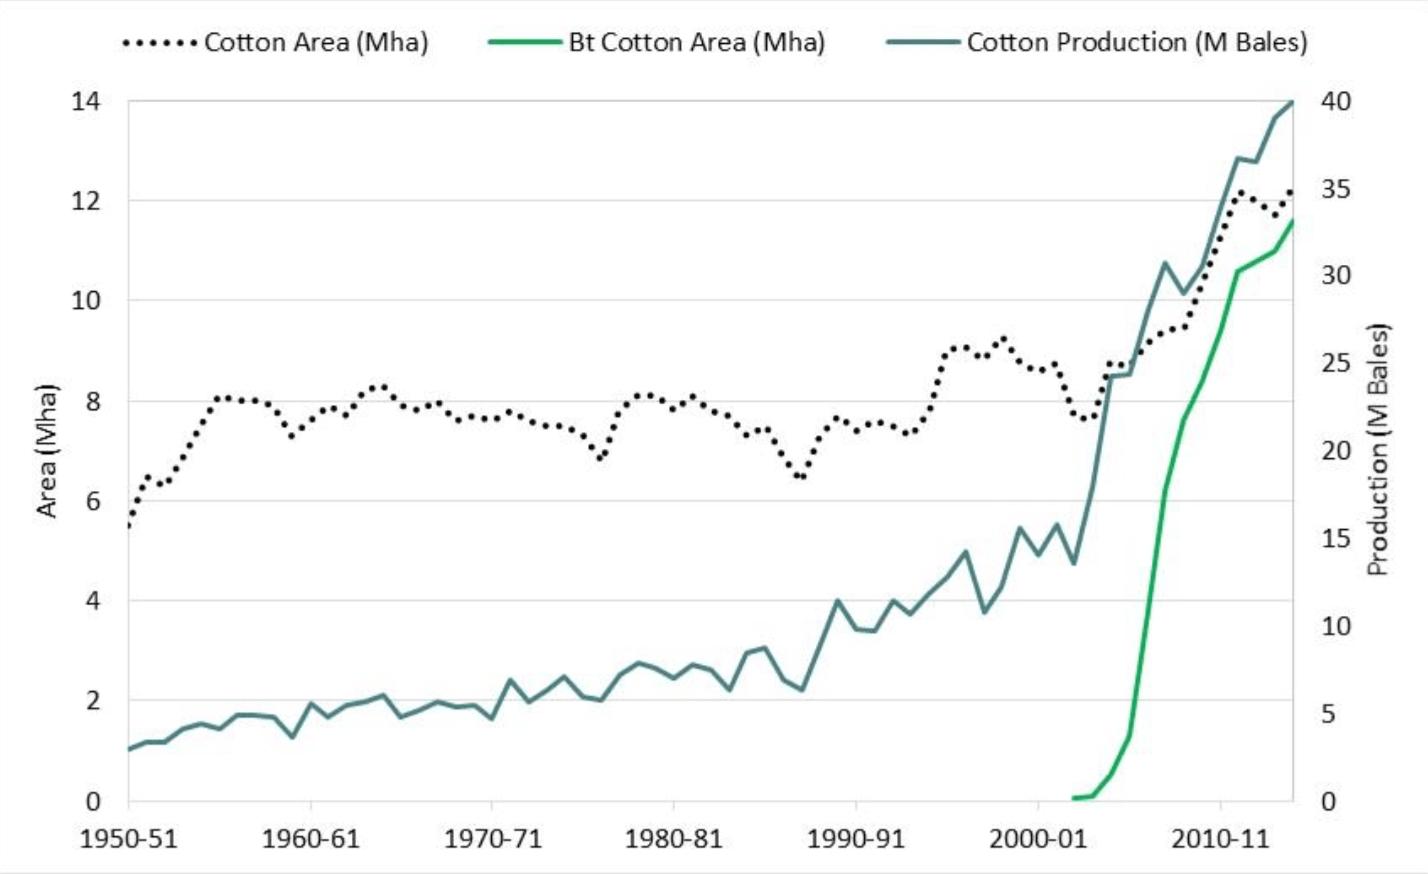 1. ábra: Az indiai gyapottermesztés alakulása az 1950-es évektől napjainkig. Fekete pontvonal: az összes gyapot termőterülete (millió ha), világoszöld vonal: a Bt-gyapot termőterülete (millió ha), és sötétzöld vonal: gyapottermelés (millió bála) (CHOUDHARY, B. – GAUR, K. 2015). Egy gyapotbála súlya 177,8 kg.